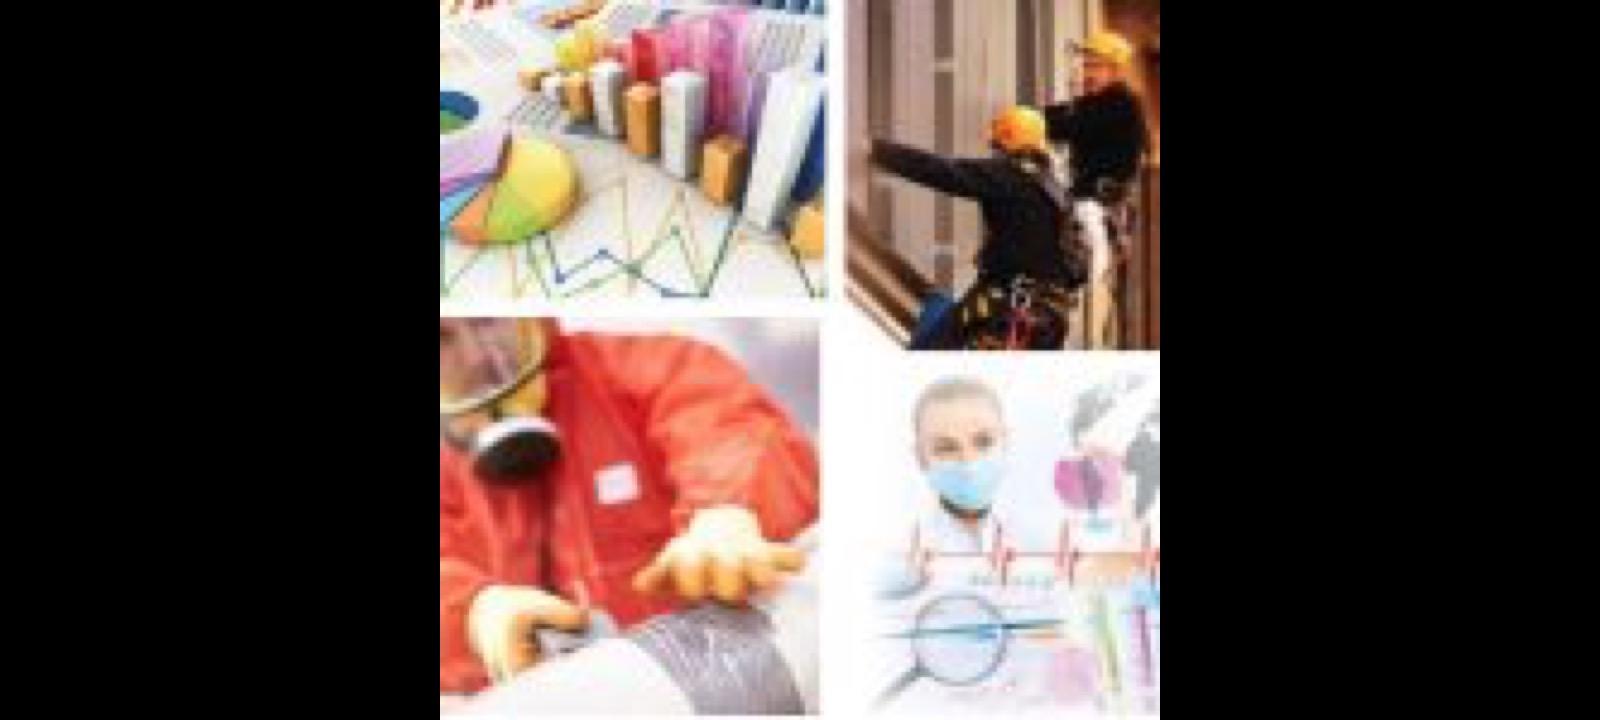 UGT reclama priorizar en la agenda política la seguridad y salud en el trabajo